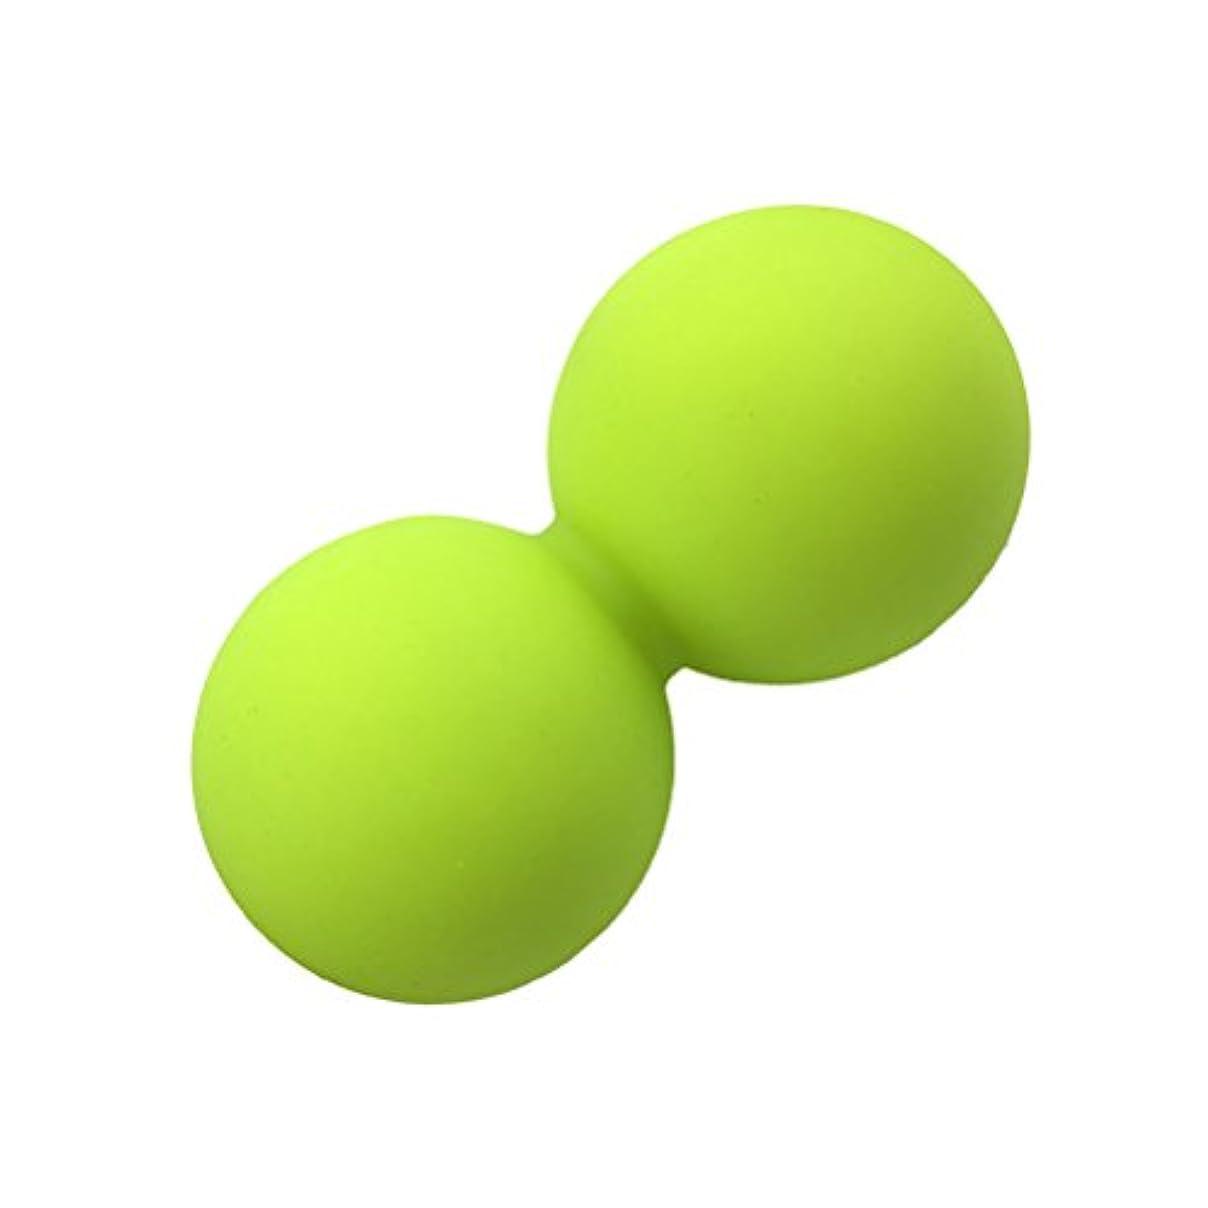 値する白菜液体ROSENICE ピーナッツマッサージボールヨガマッサージボールマッサージボールローラー(ブリリアントグリーン)